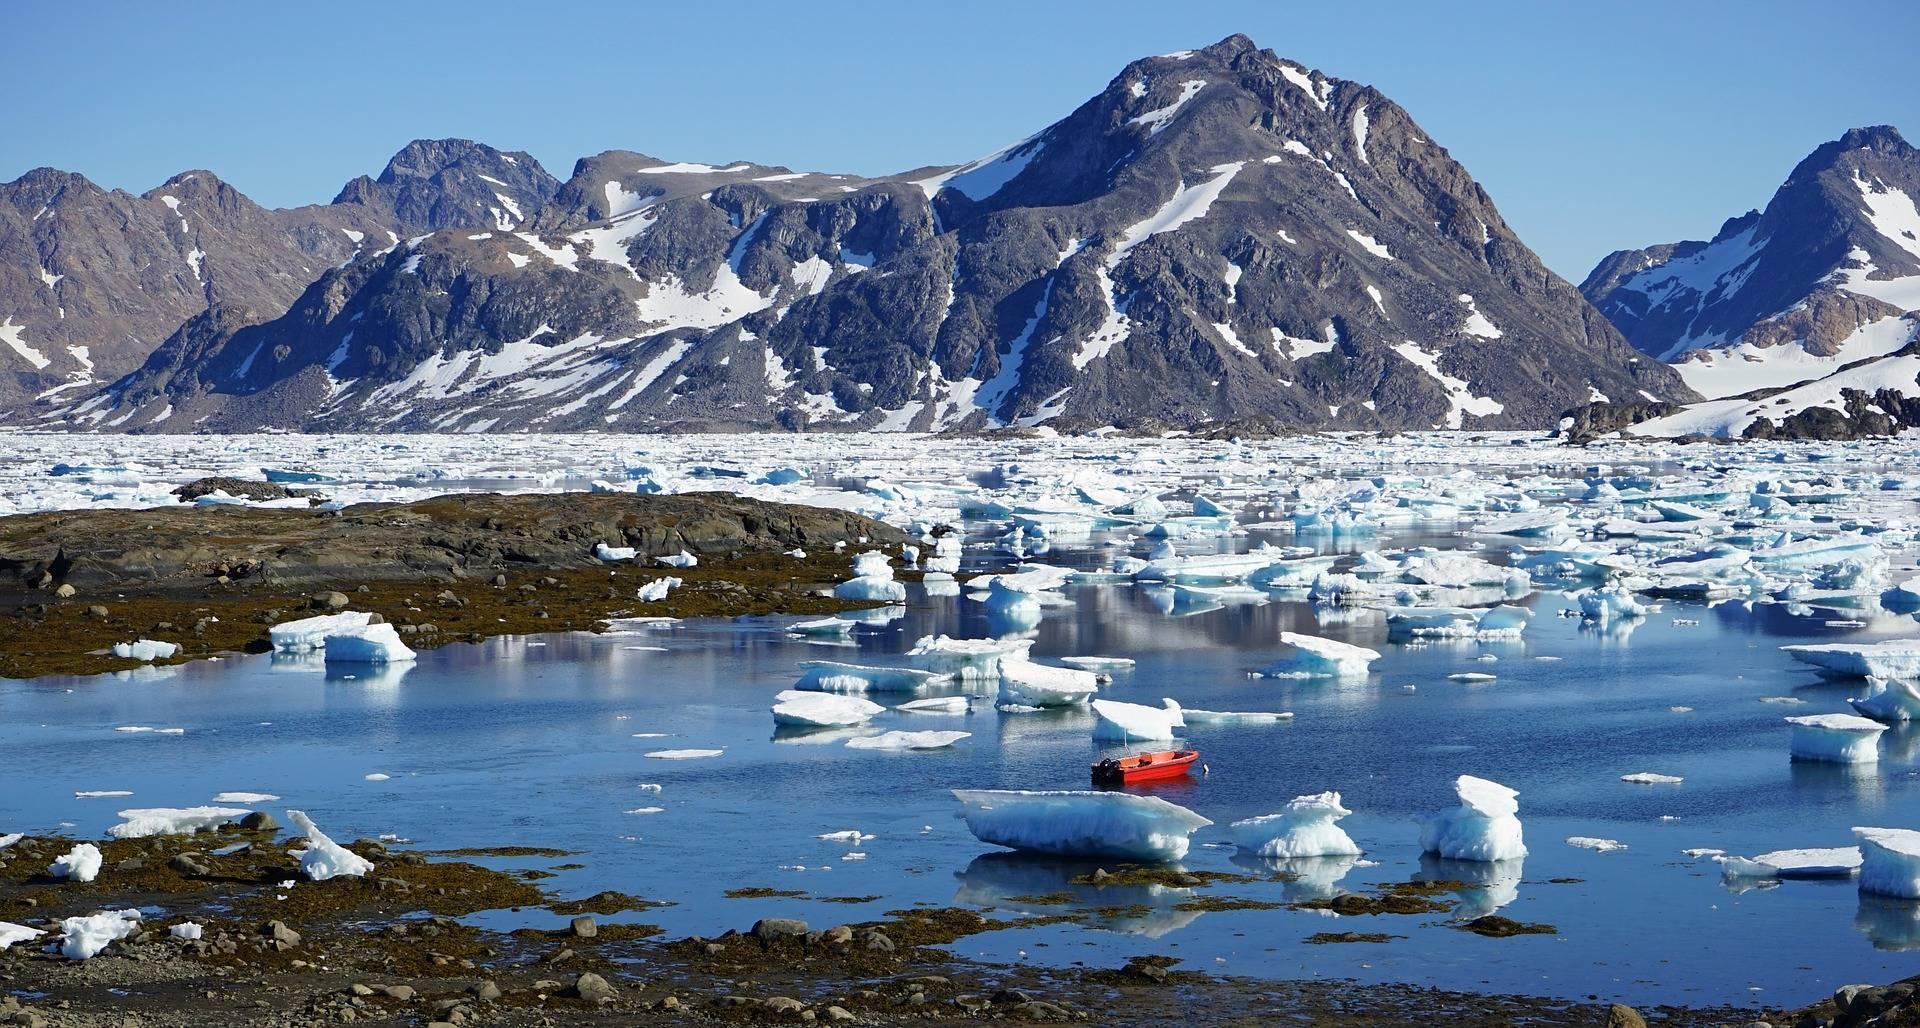 Cercetătorii nu erau pregătiți. În Groenlanda a plouat pe vârfurile ghețarilor pentru prima dată în istorie